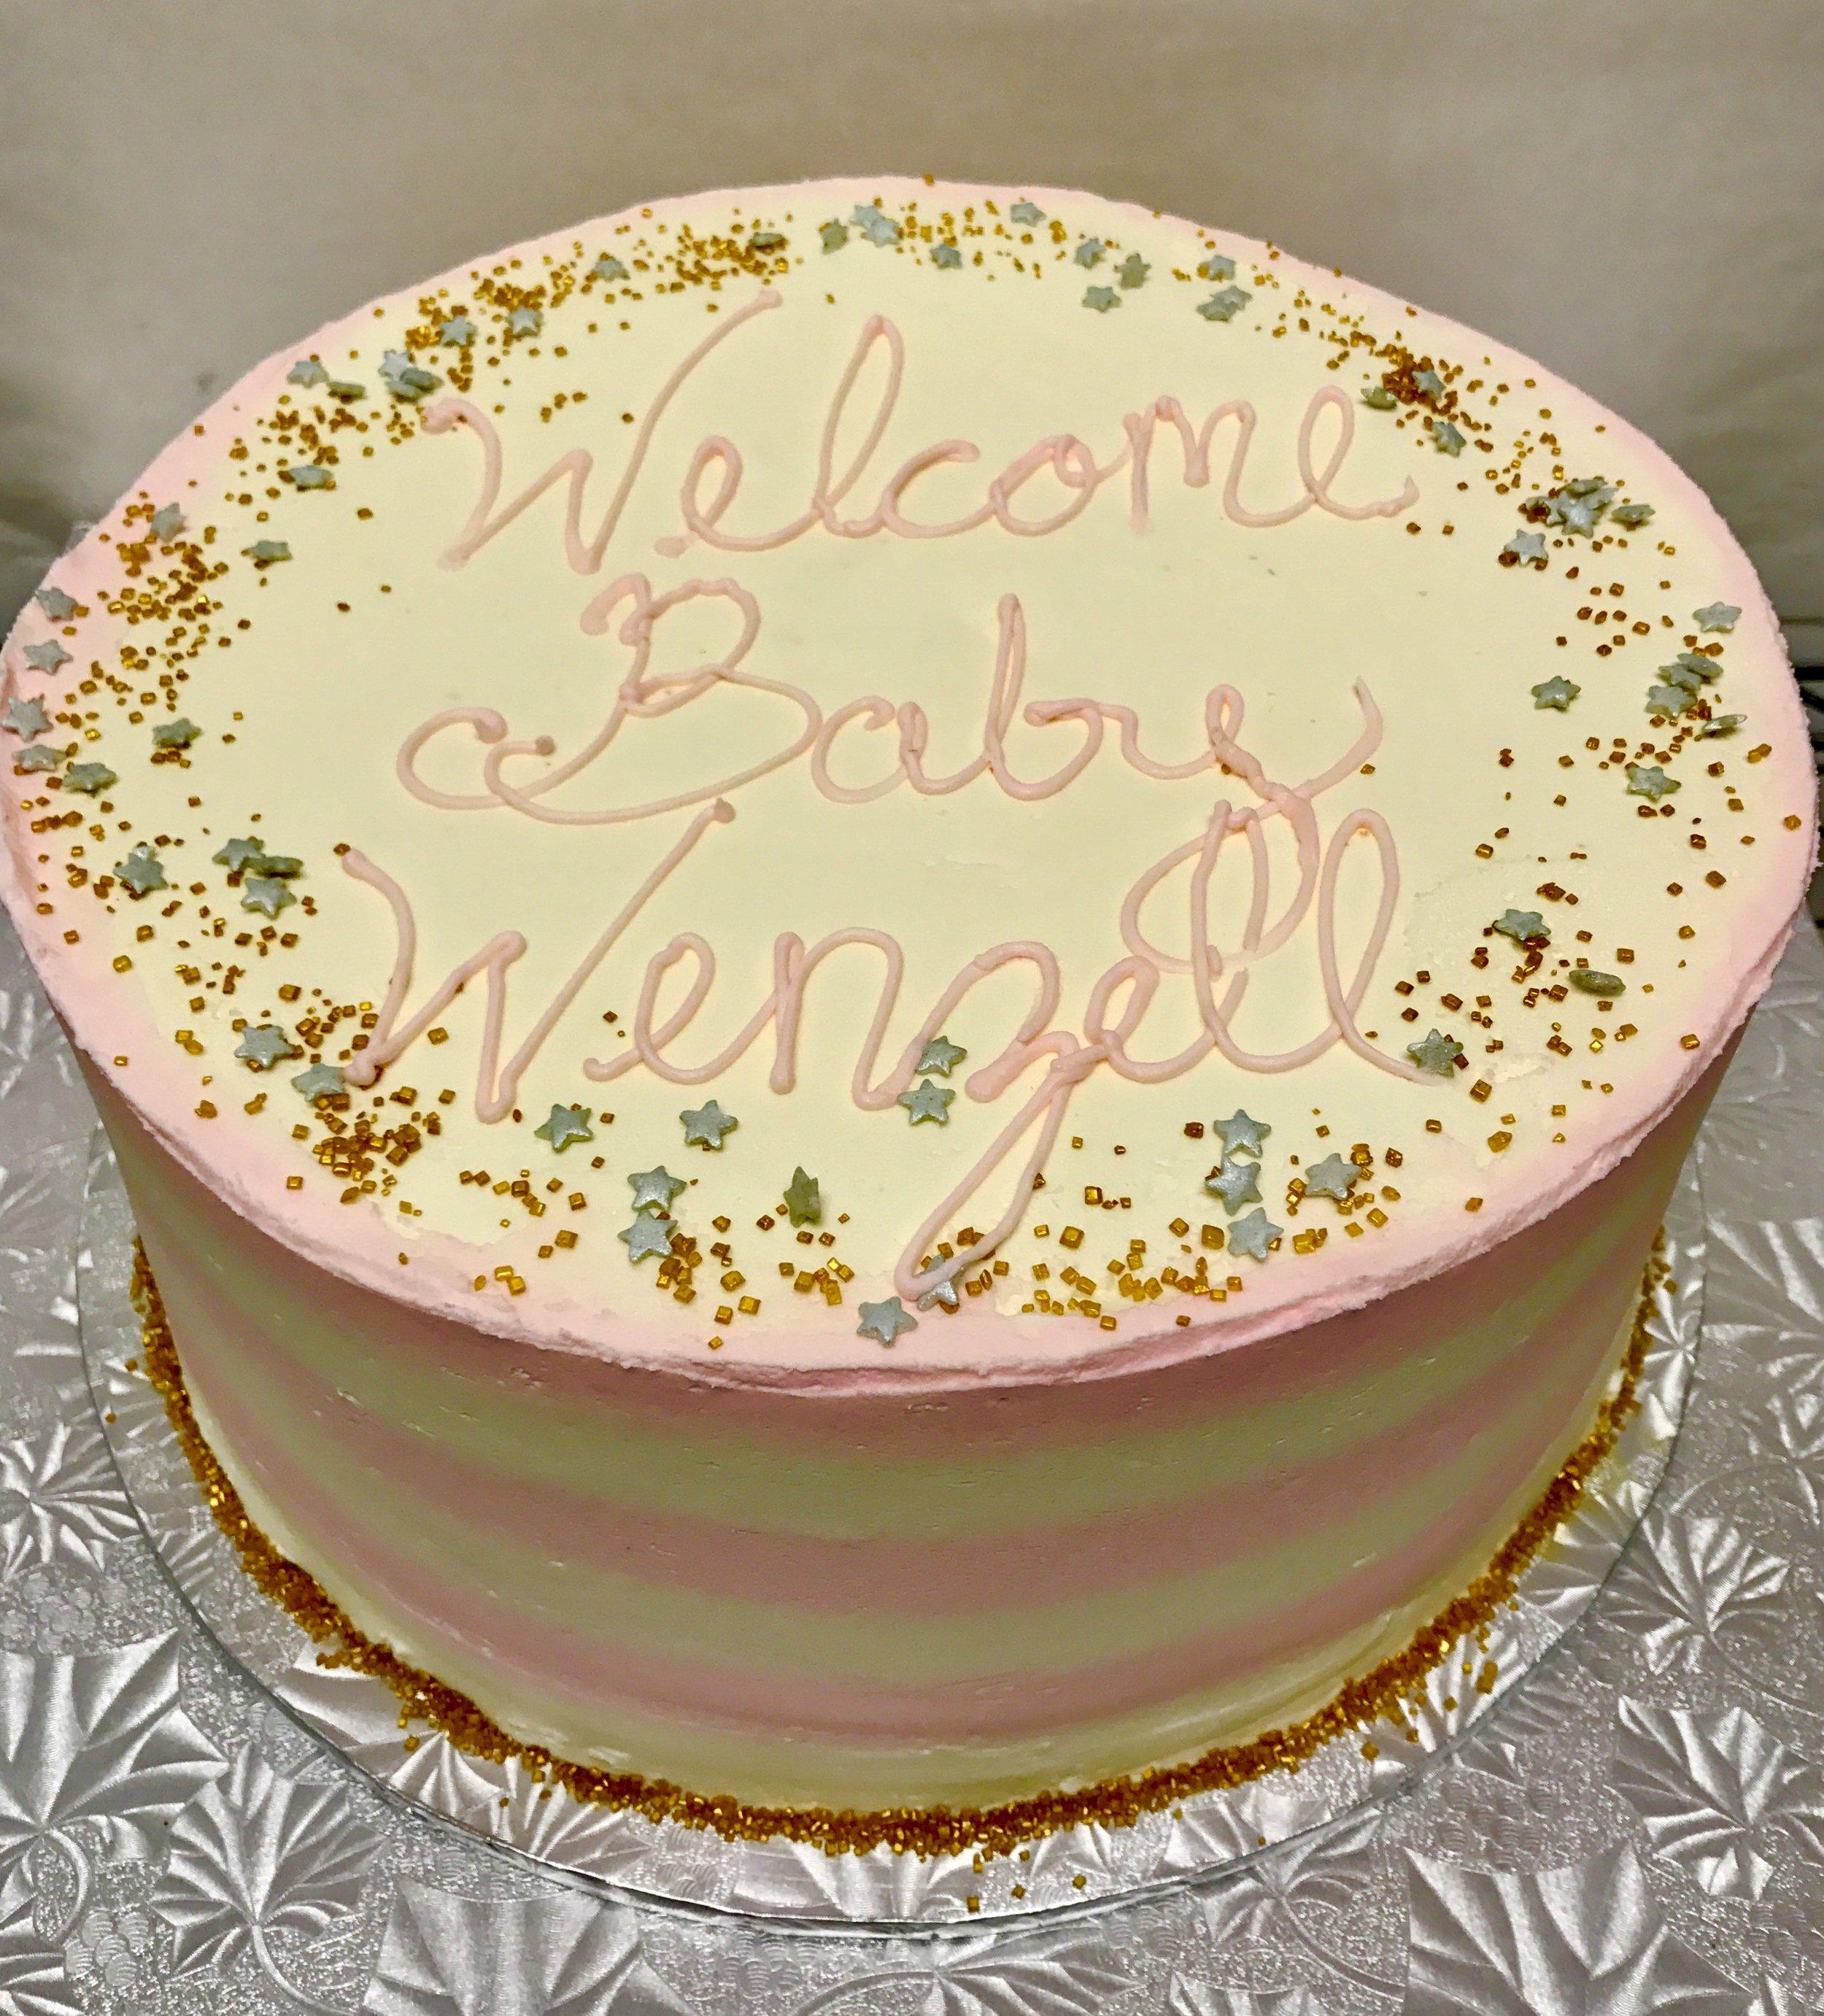 BabyShowerWelcome.jpg